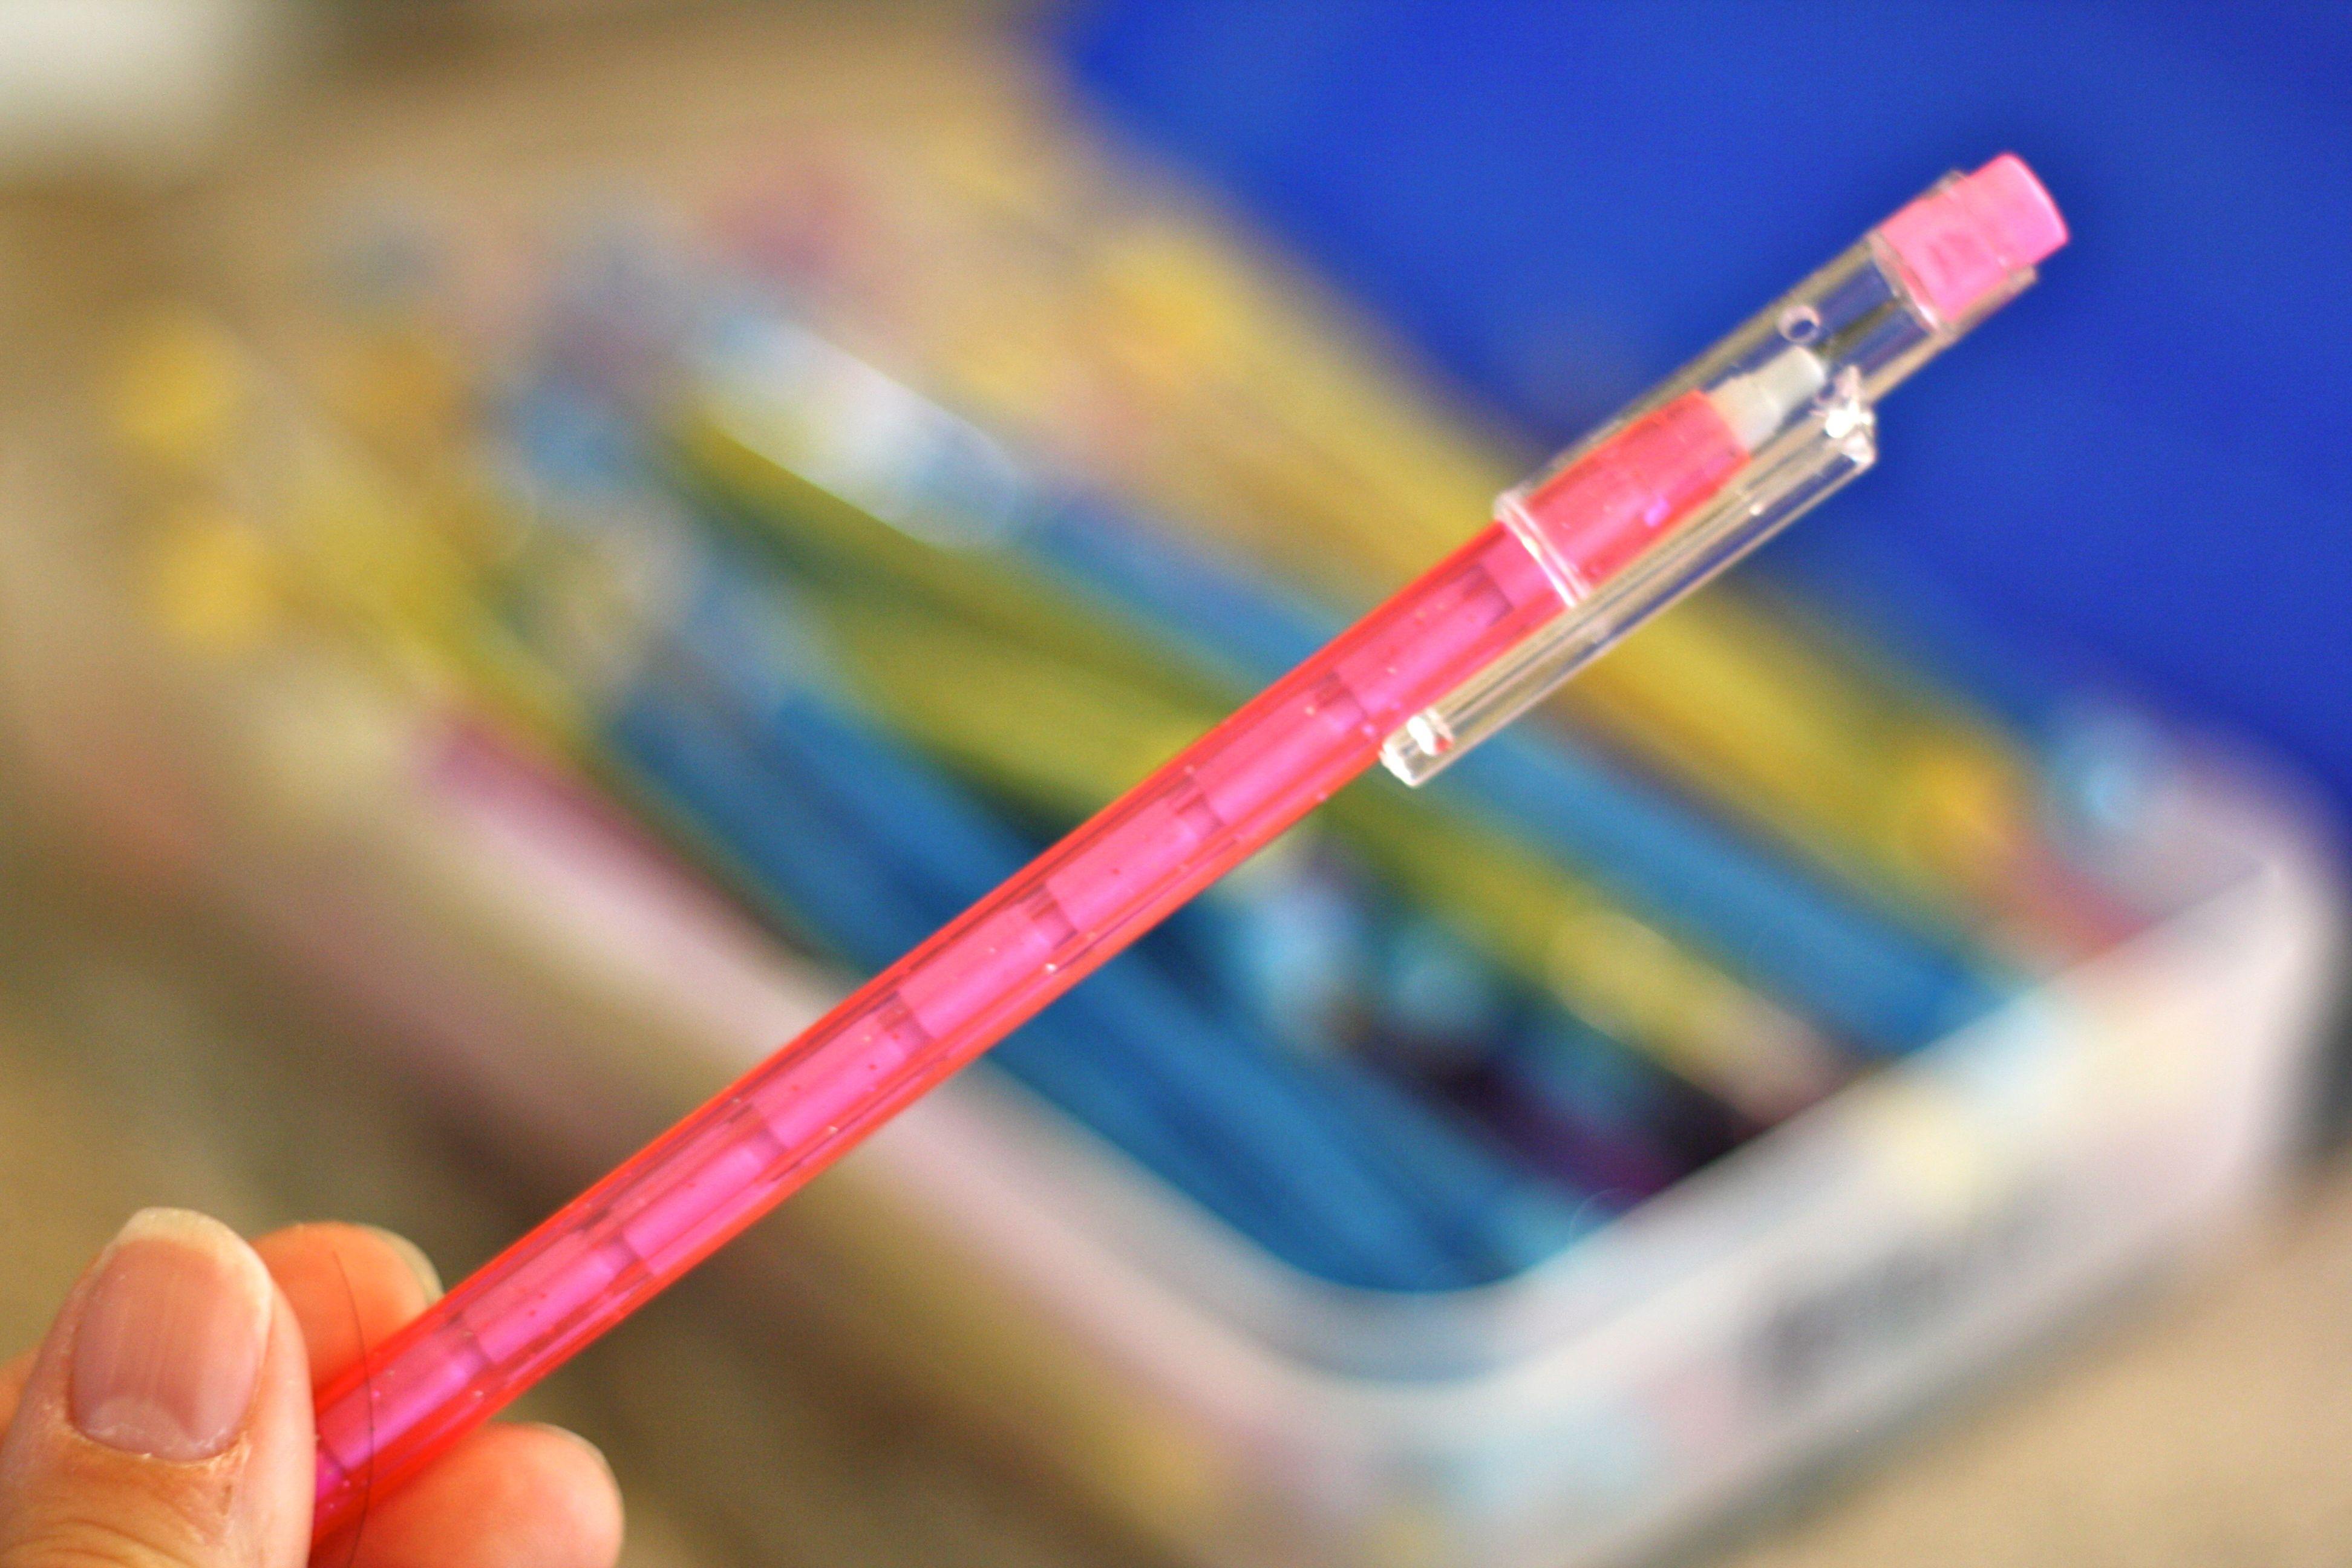 capsule pencil